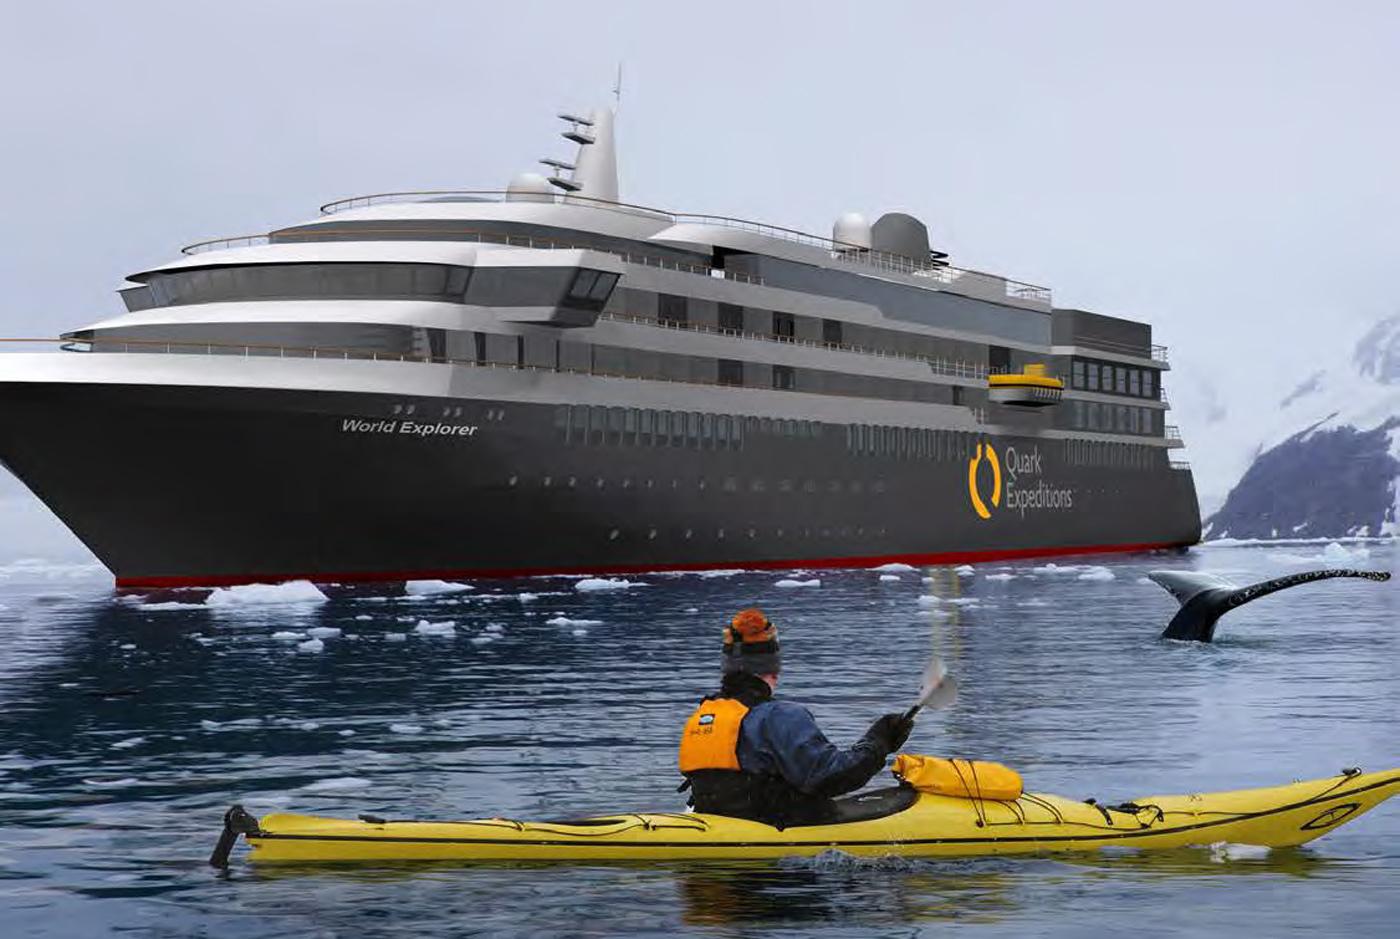 New Ploar Cruise Vessel Wolrd Explorerr